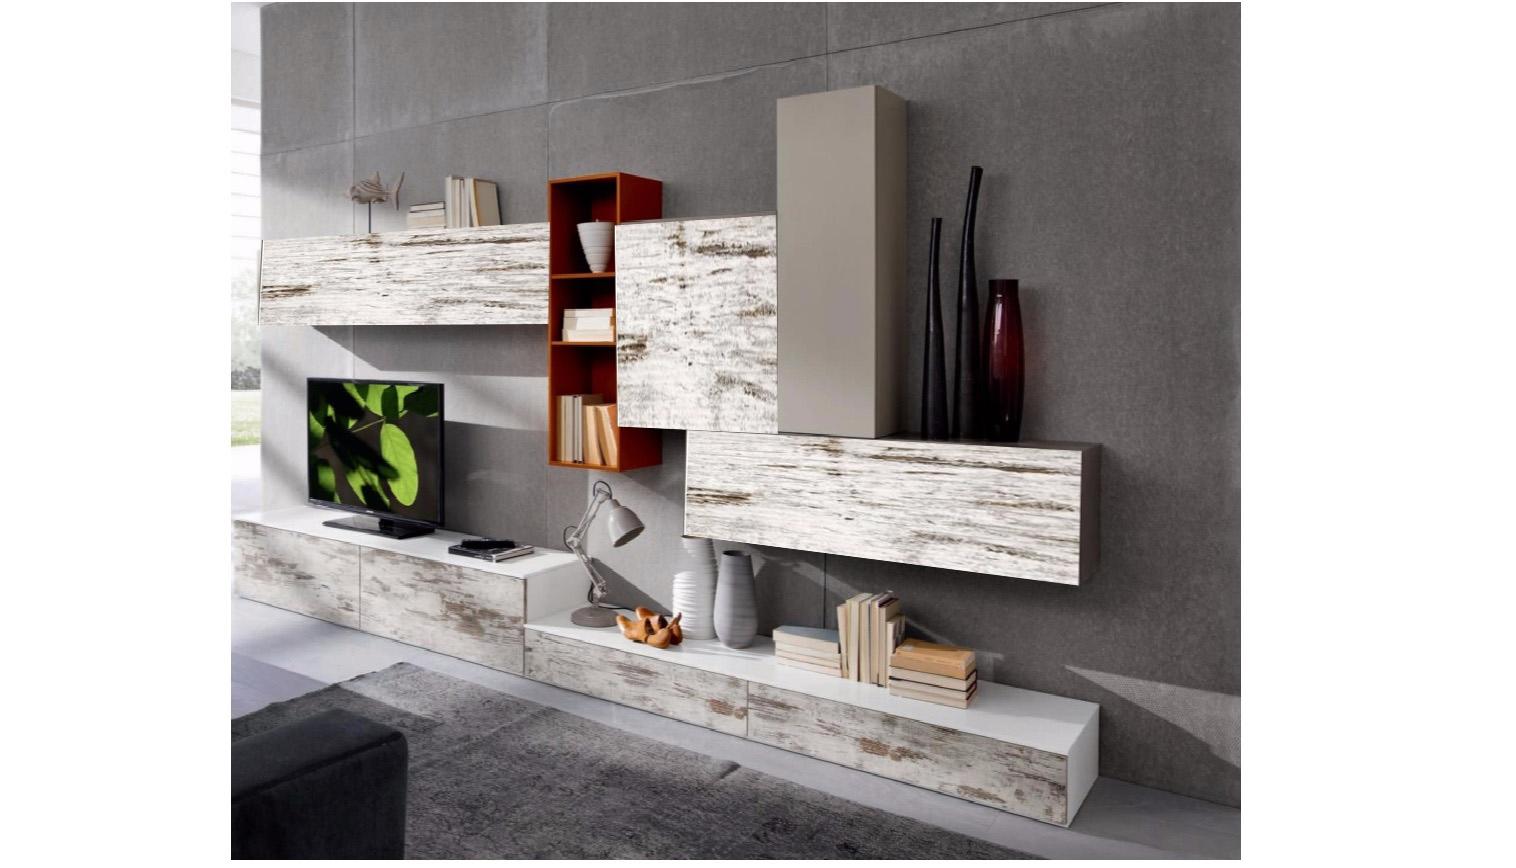 Awesome Mobili Per Soggiorno Outlet Contemporary - Design Trends ...